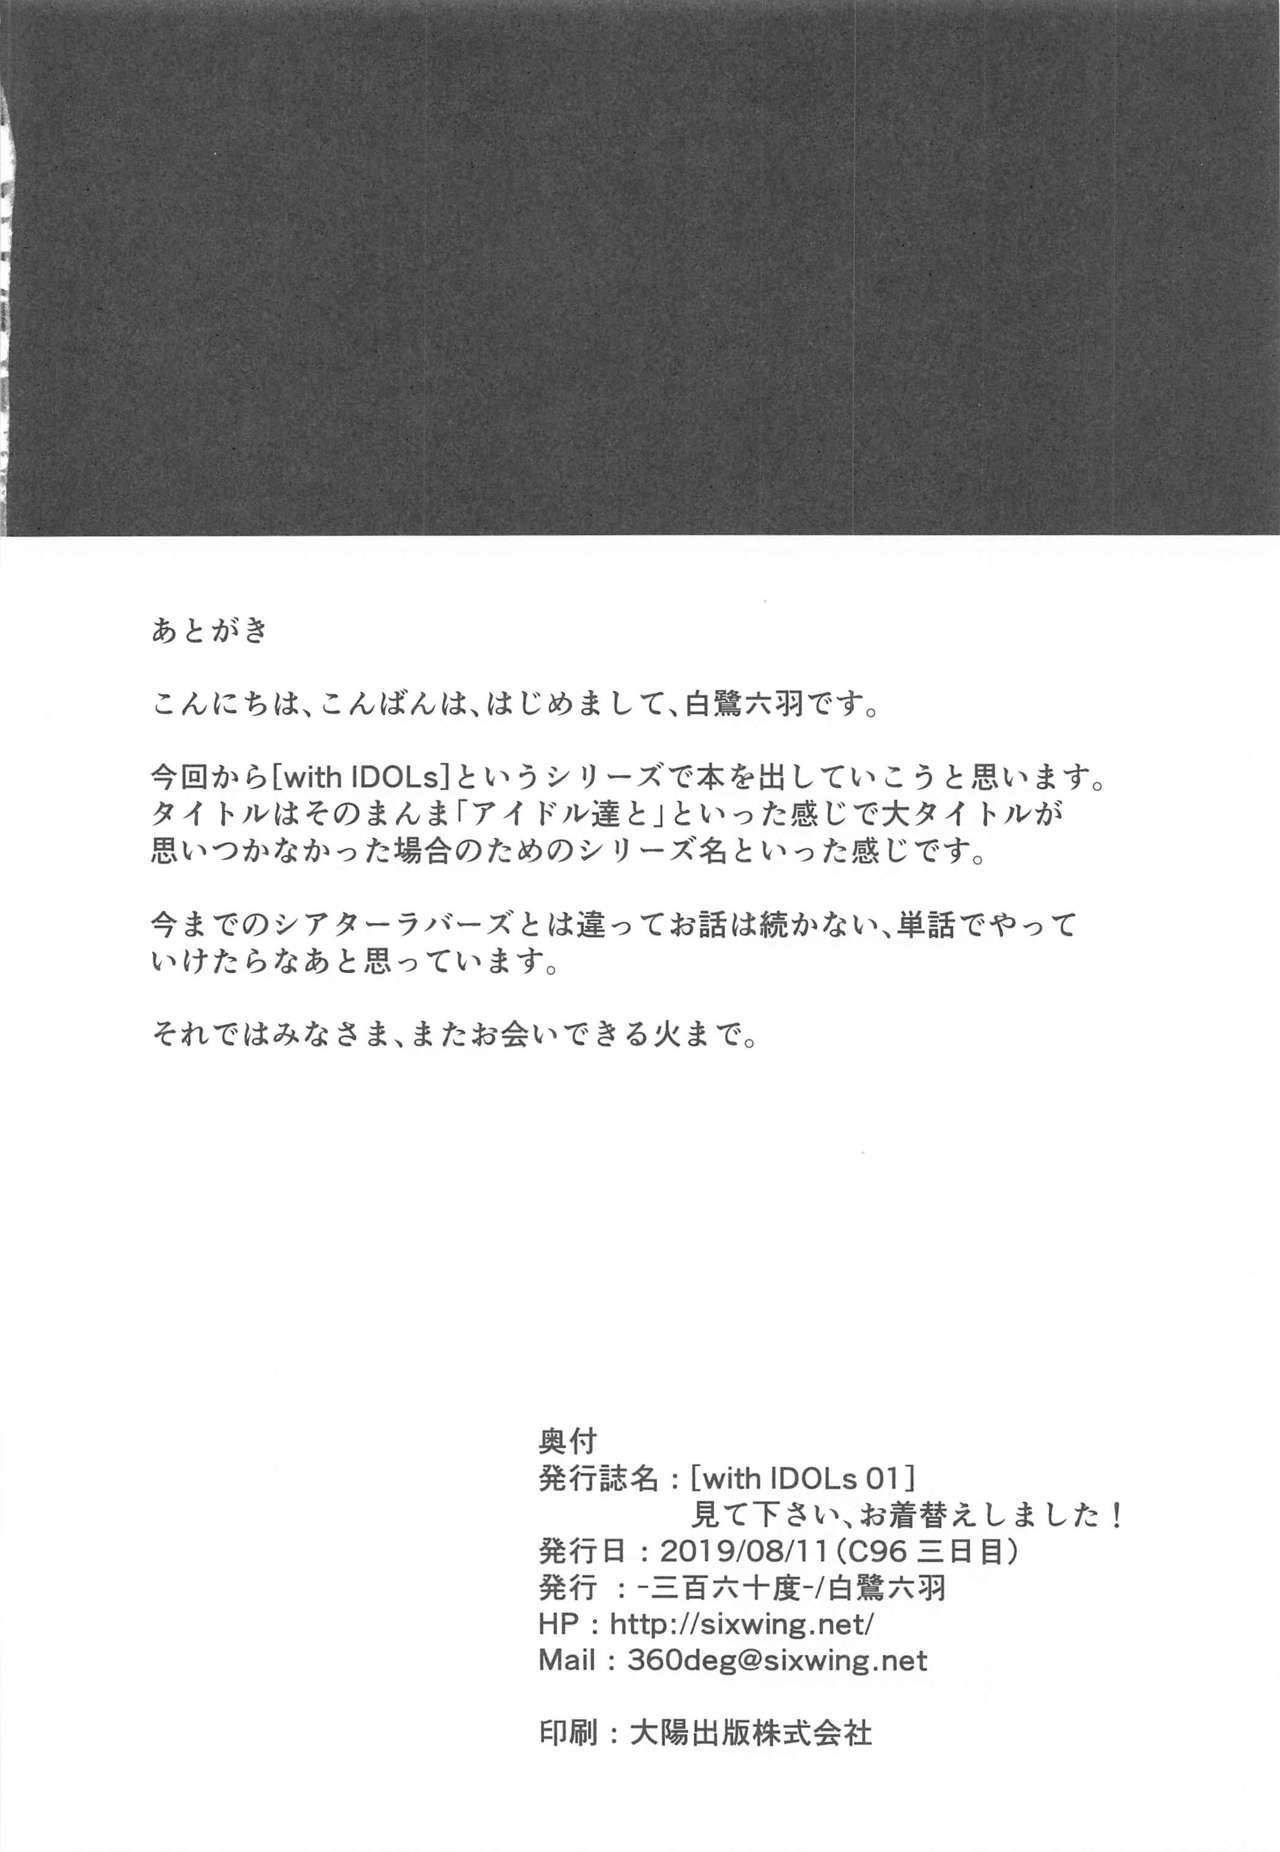 Mite Kudasai, Okigae Shimashita! 20